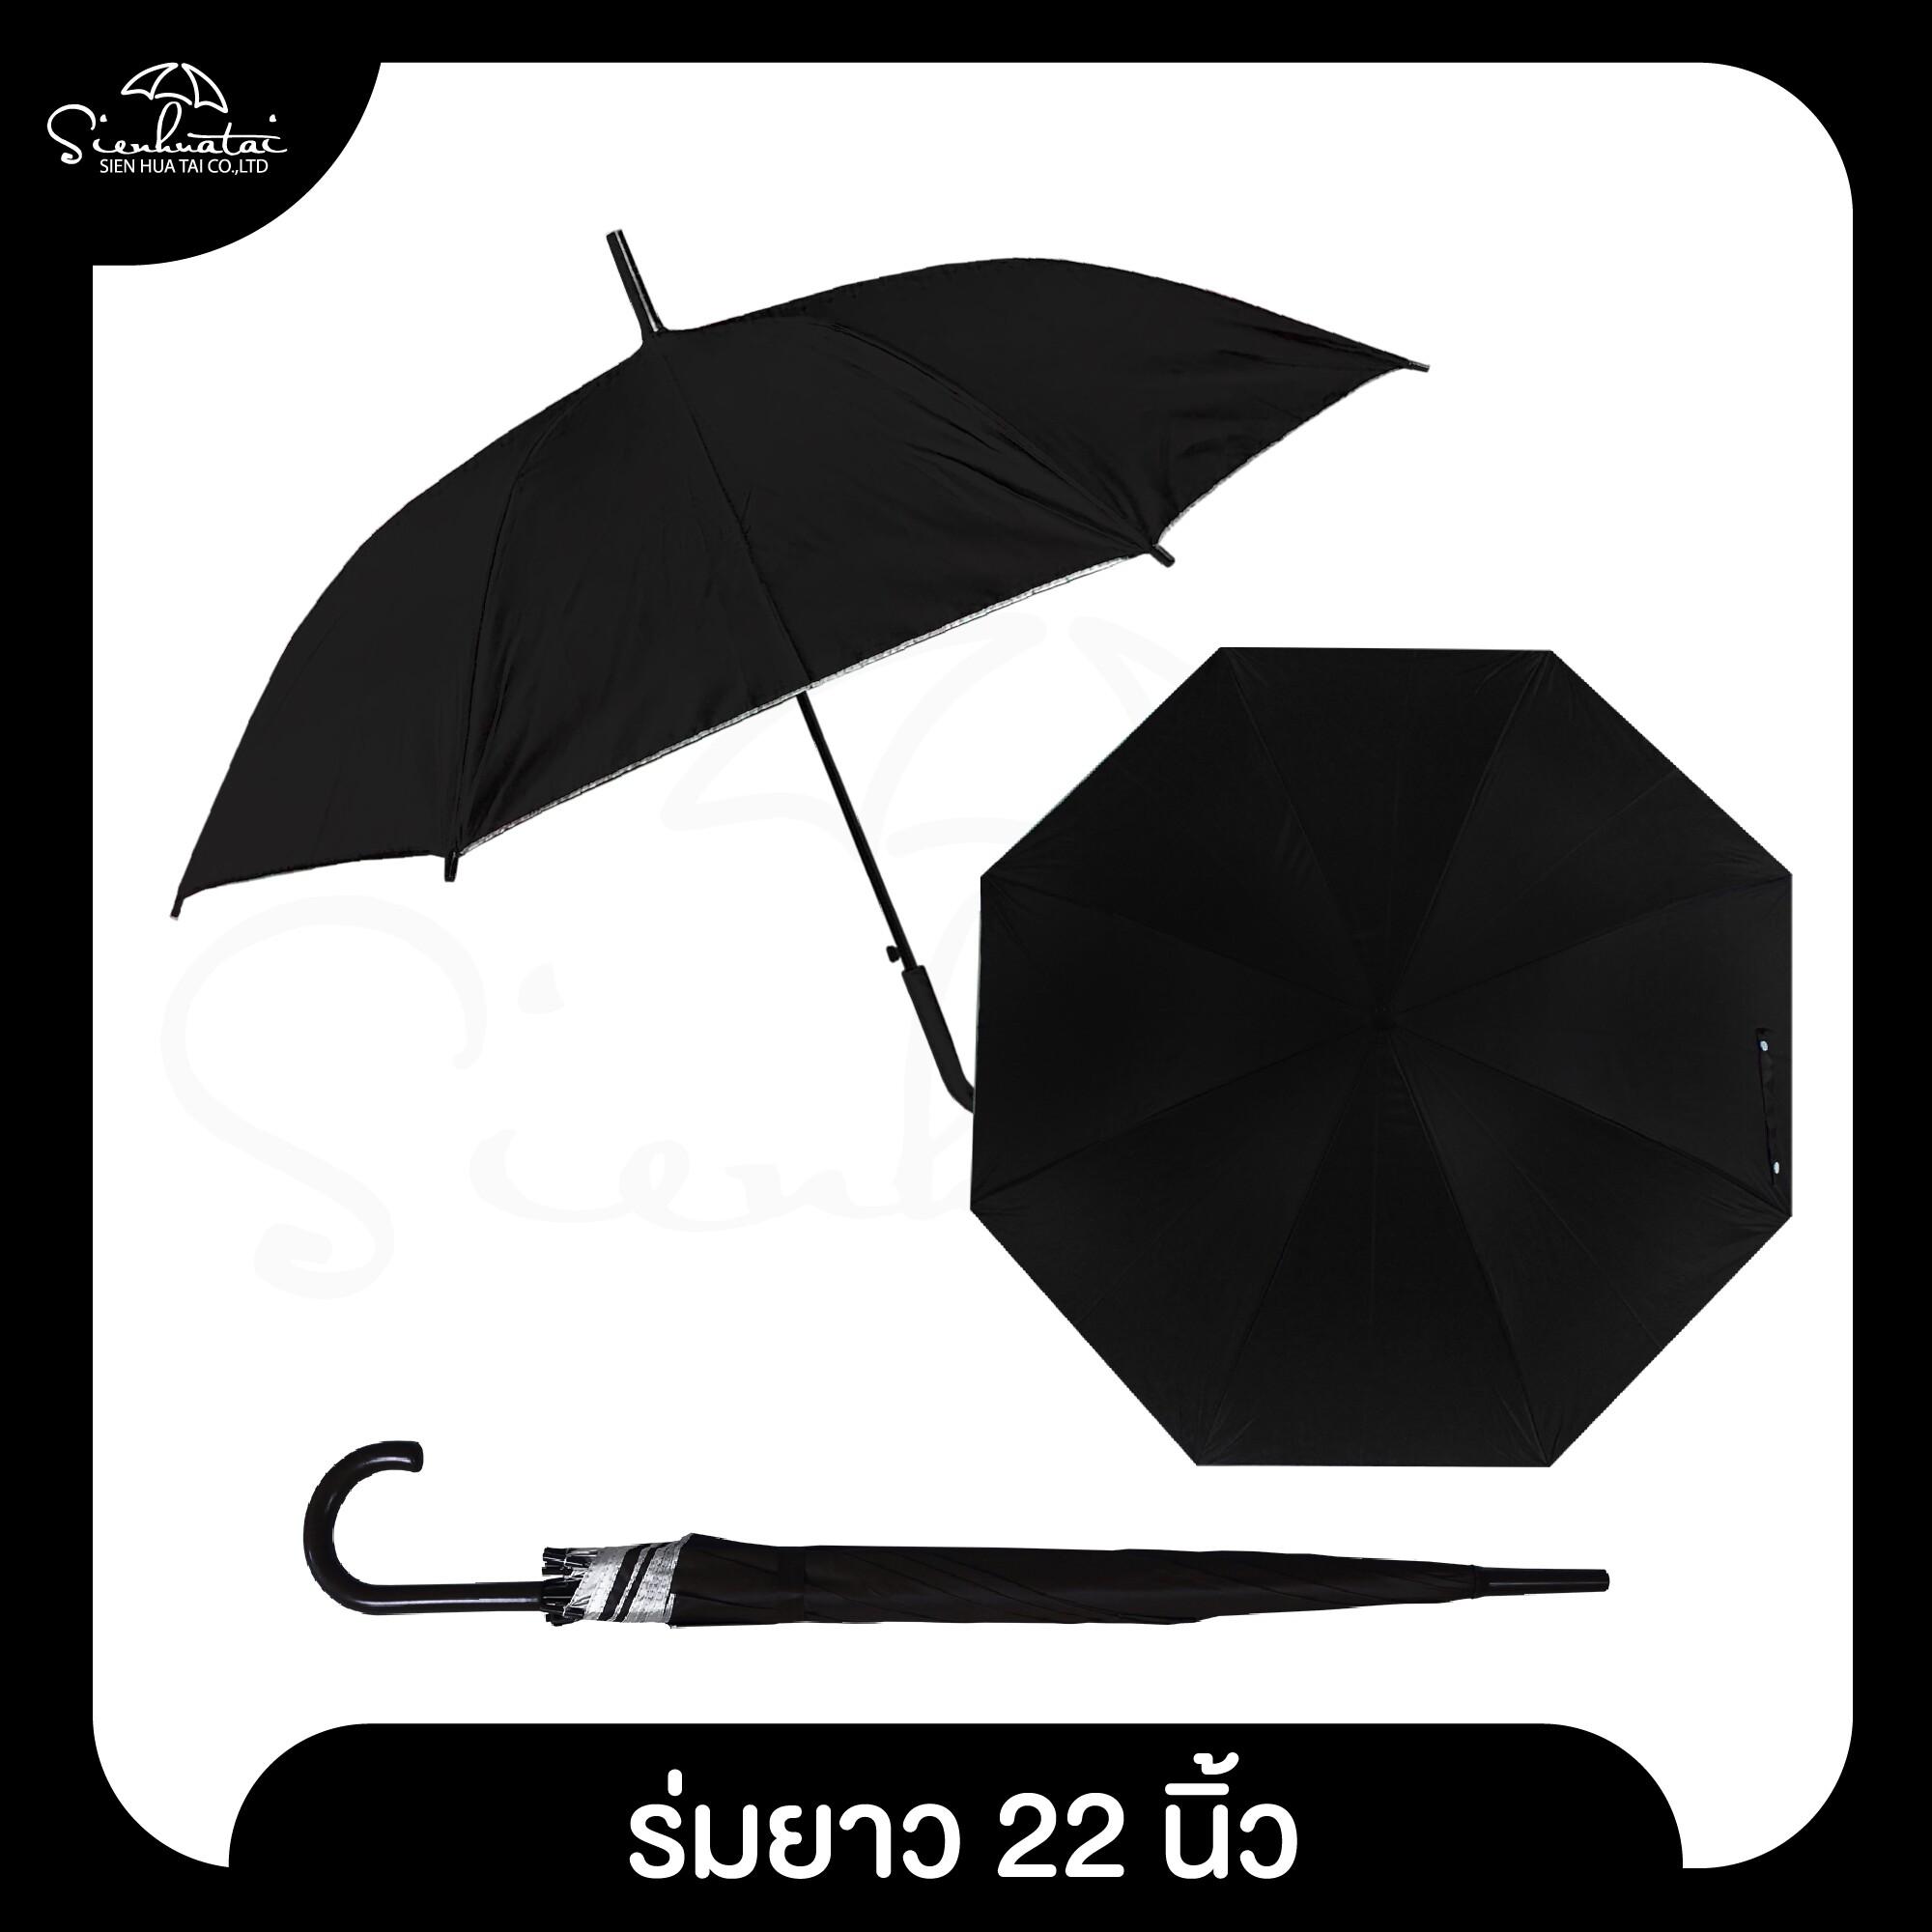 ร่มกันแดด กันฝน ยาว 22 นิ้ว สีพื้น สีดำ / มี Uv กันแดด ราคาถูกที่สุดในโลก ร่มถูกคุณภาพดี ร่ม ร่มสีดำ ร่มยาว.